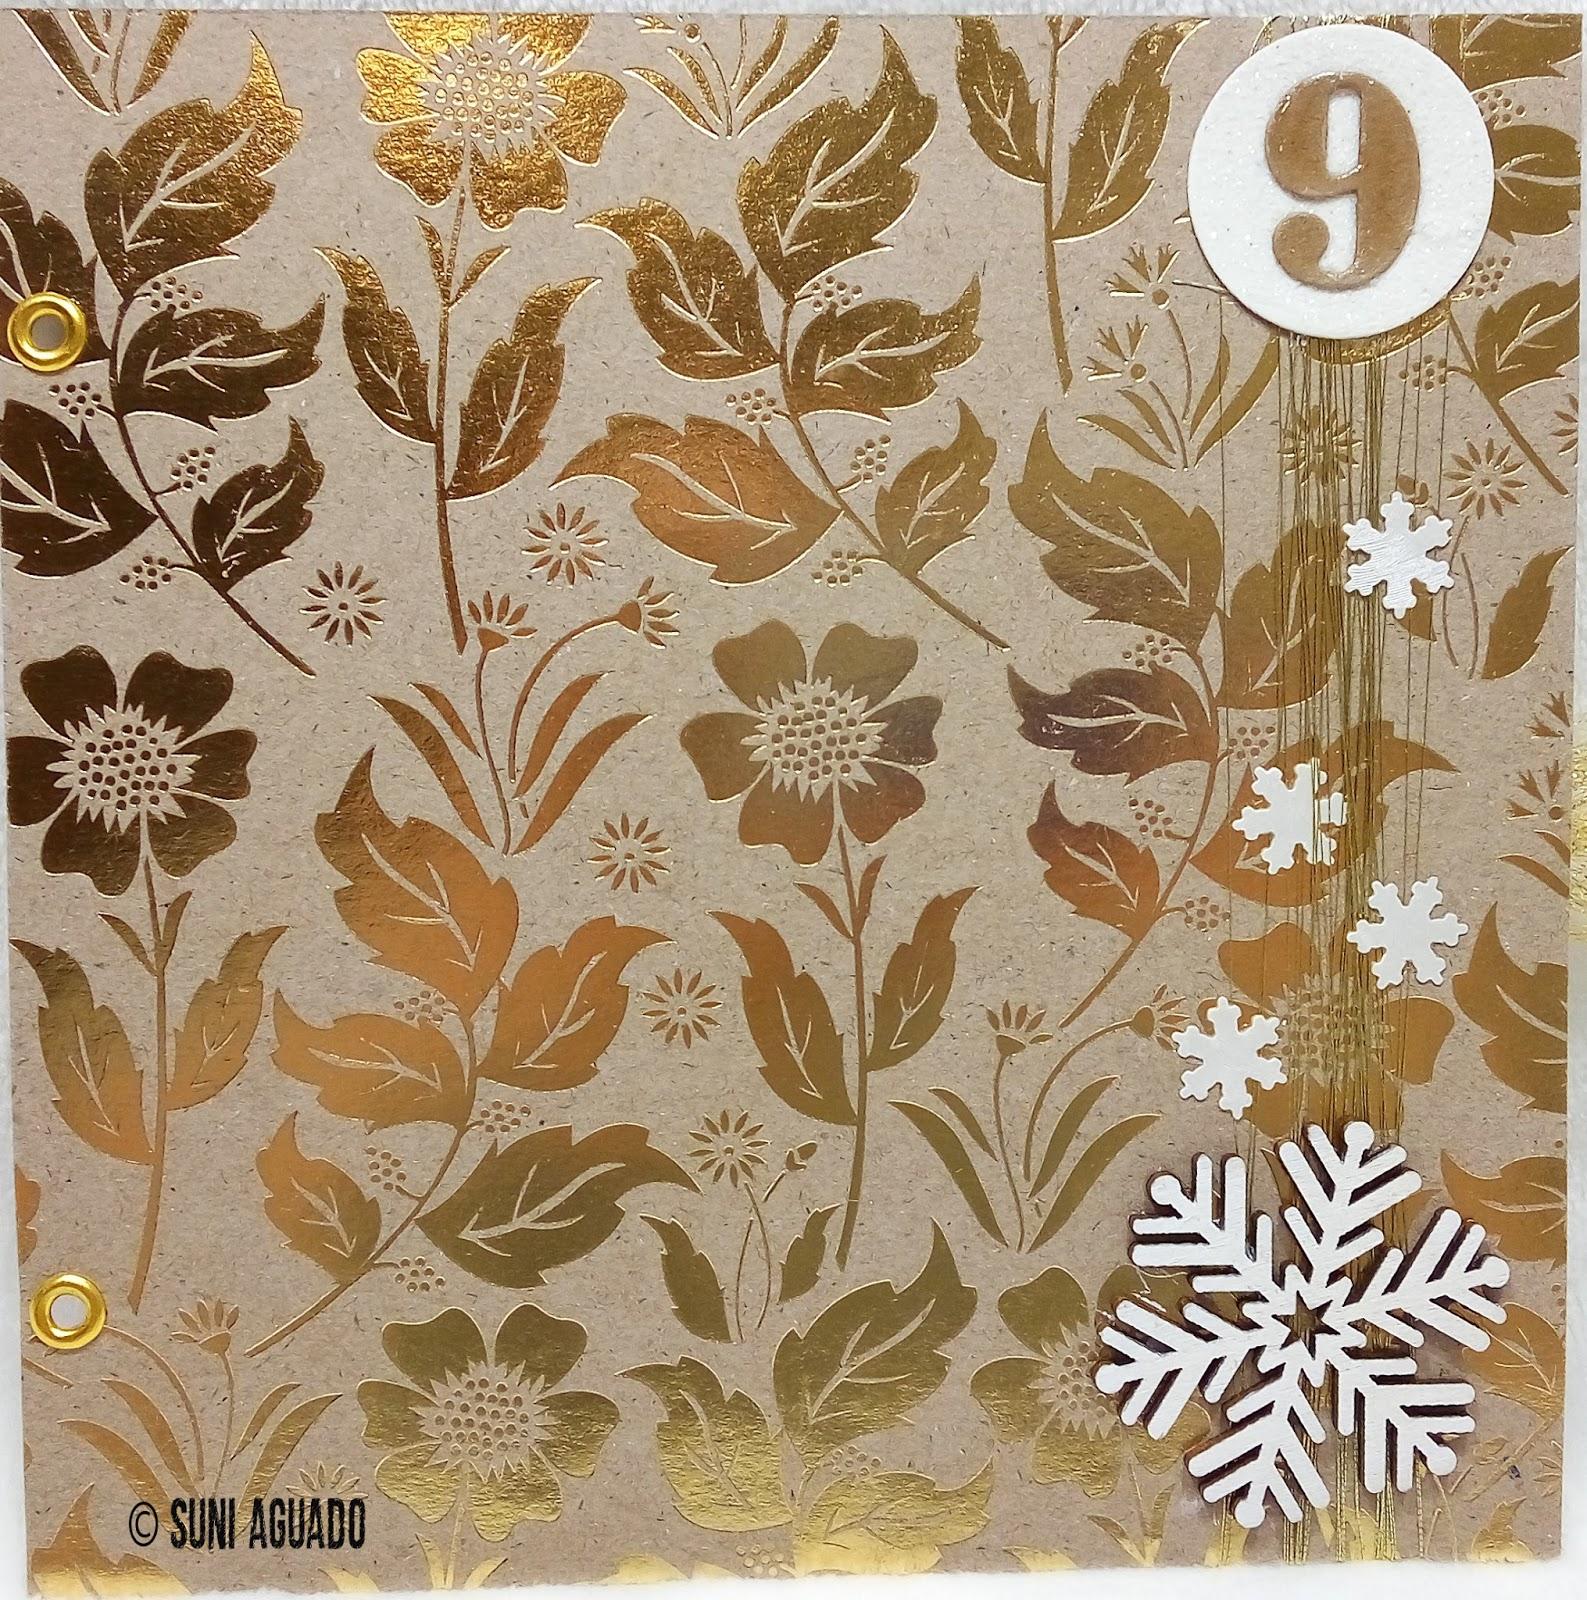 Suni Aguado: Diario de Navidad días 9 al 12 - December daily - Mixed ...